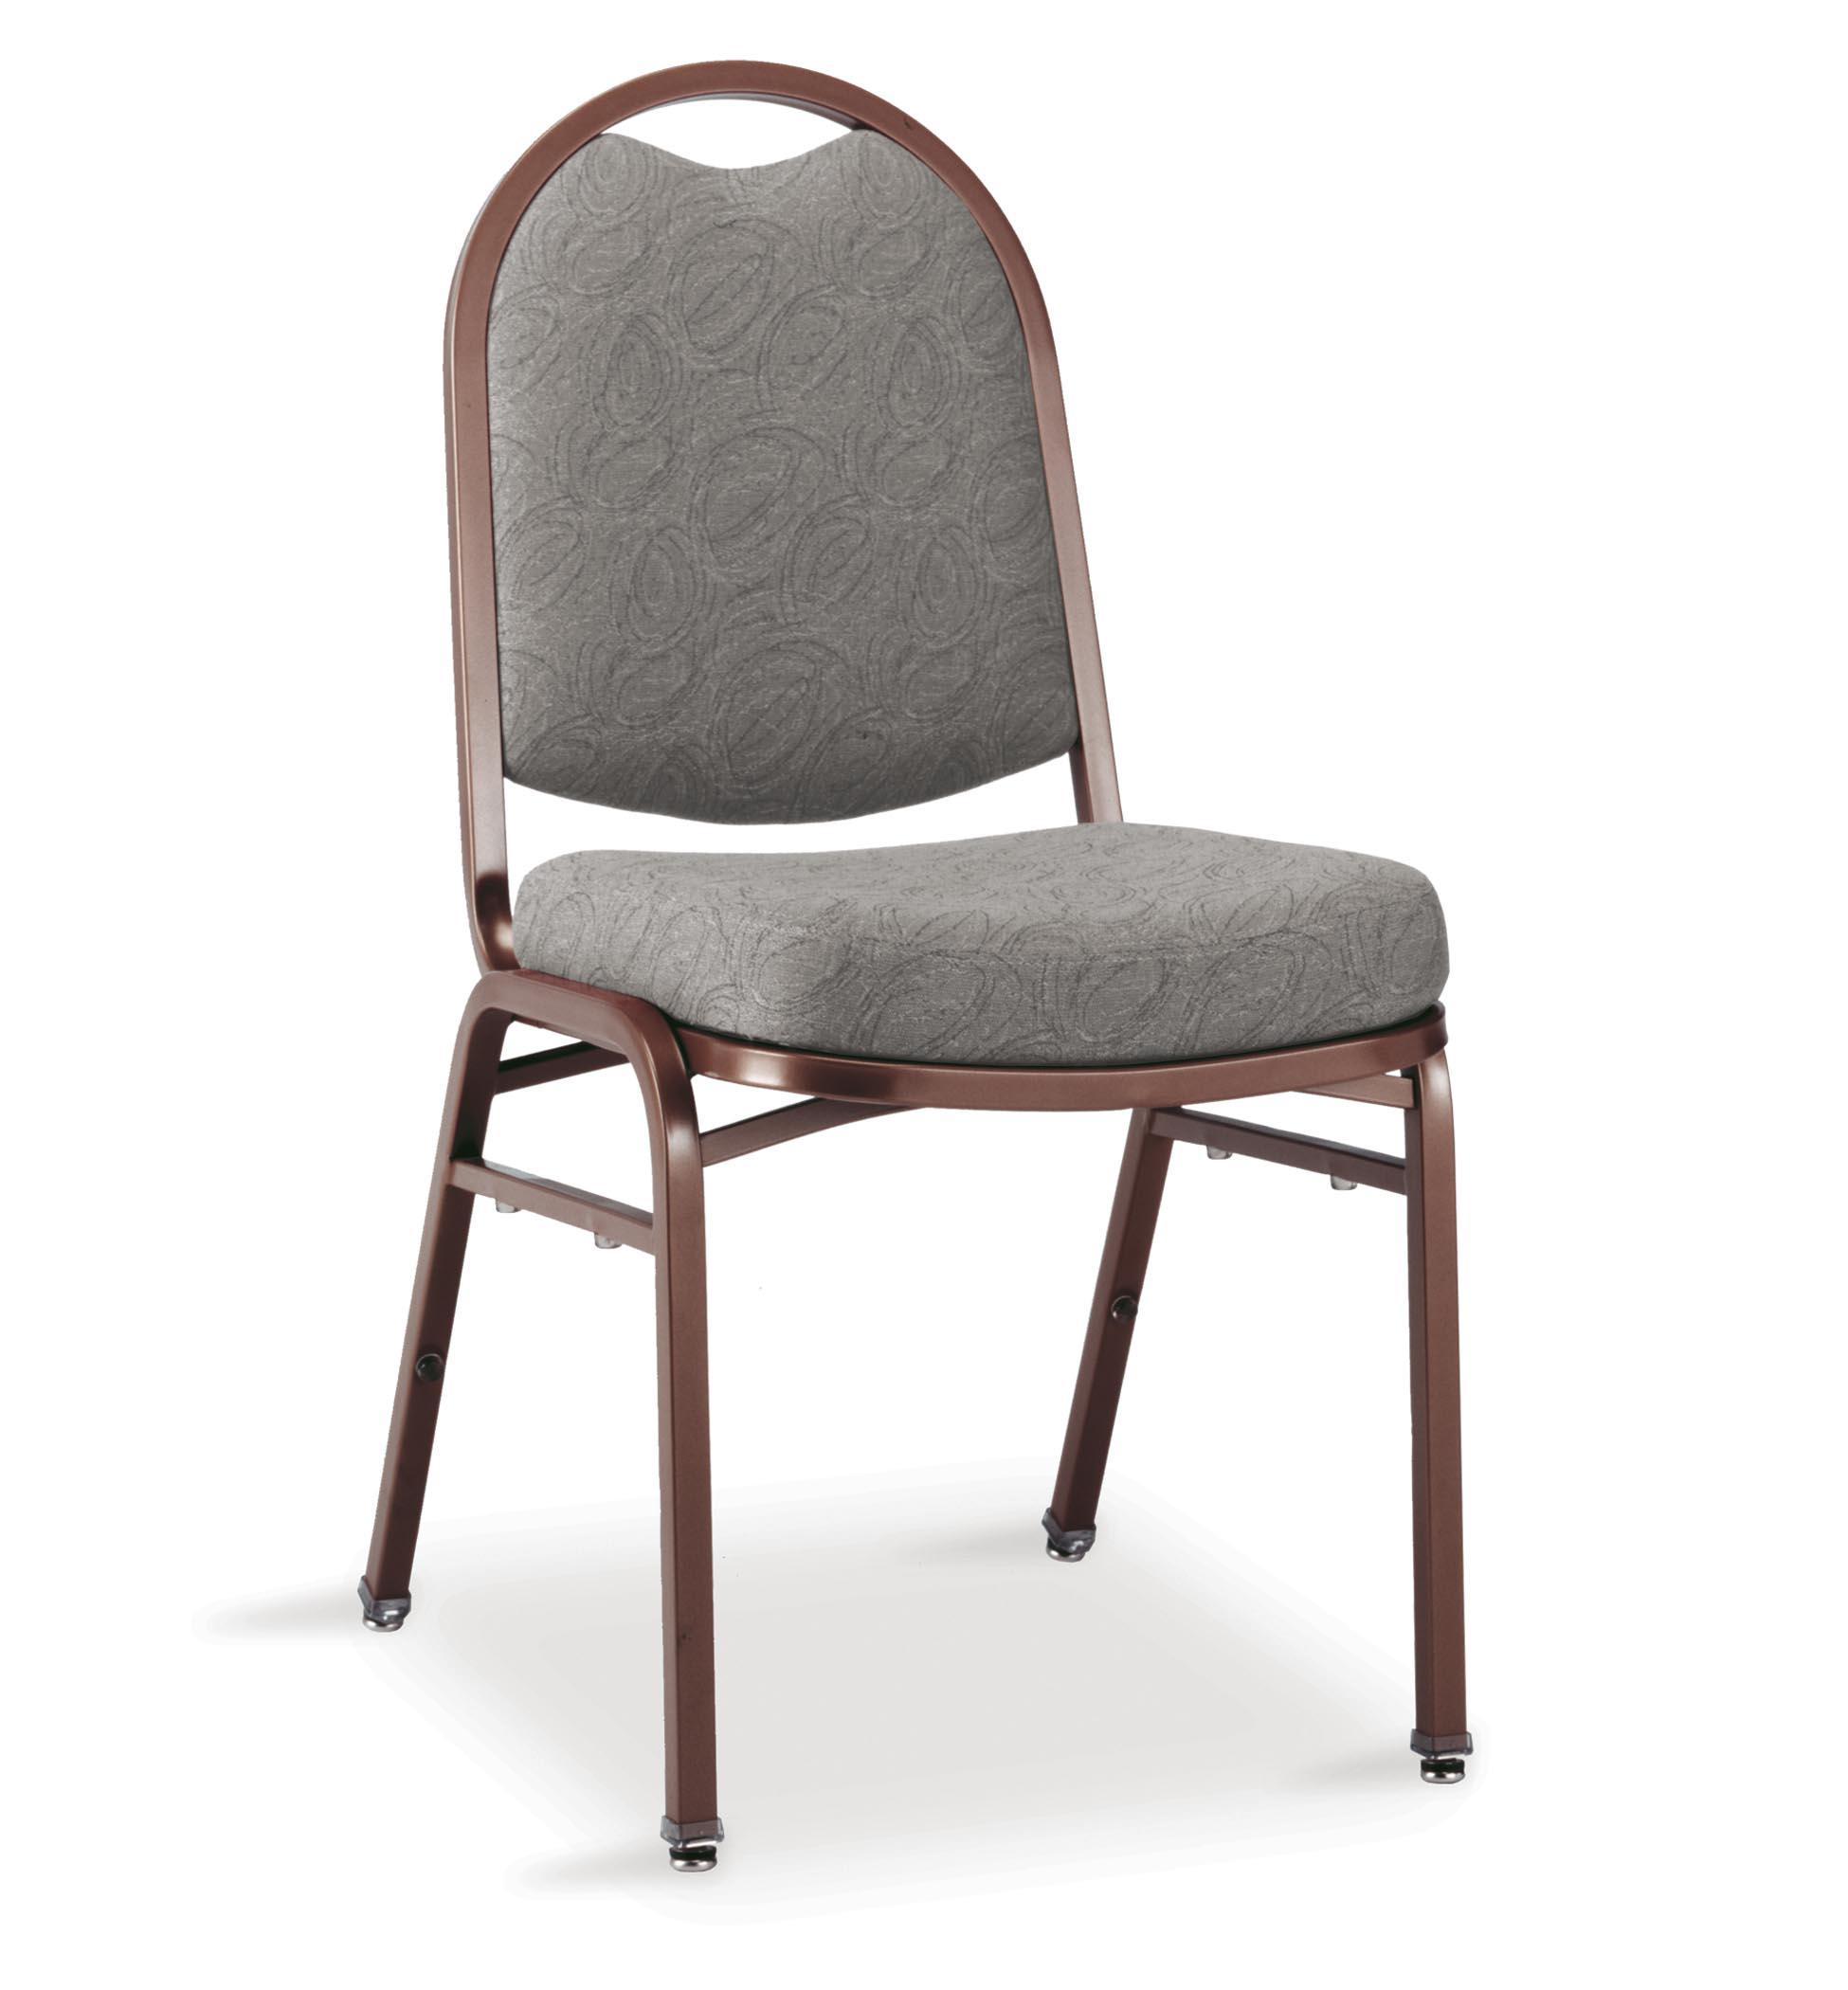 chair and steel cowhide chairs modern 5231eab banquet